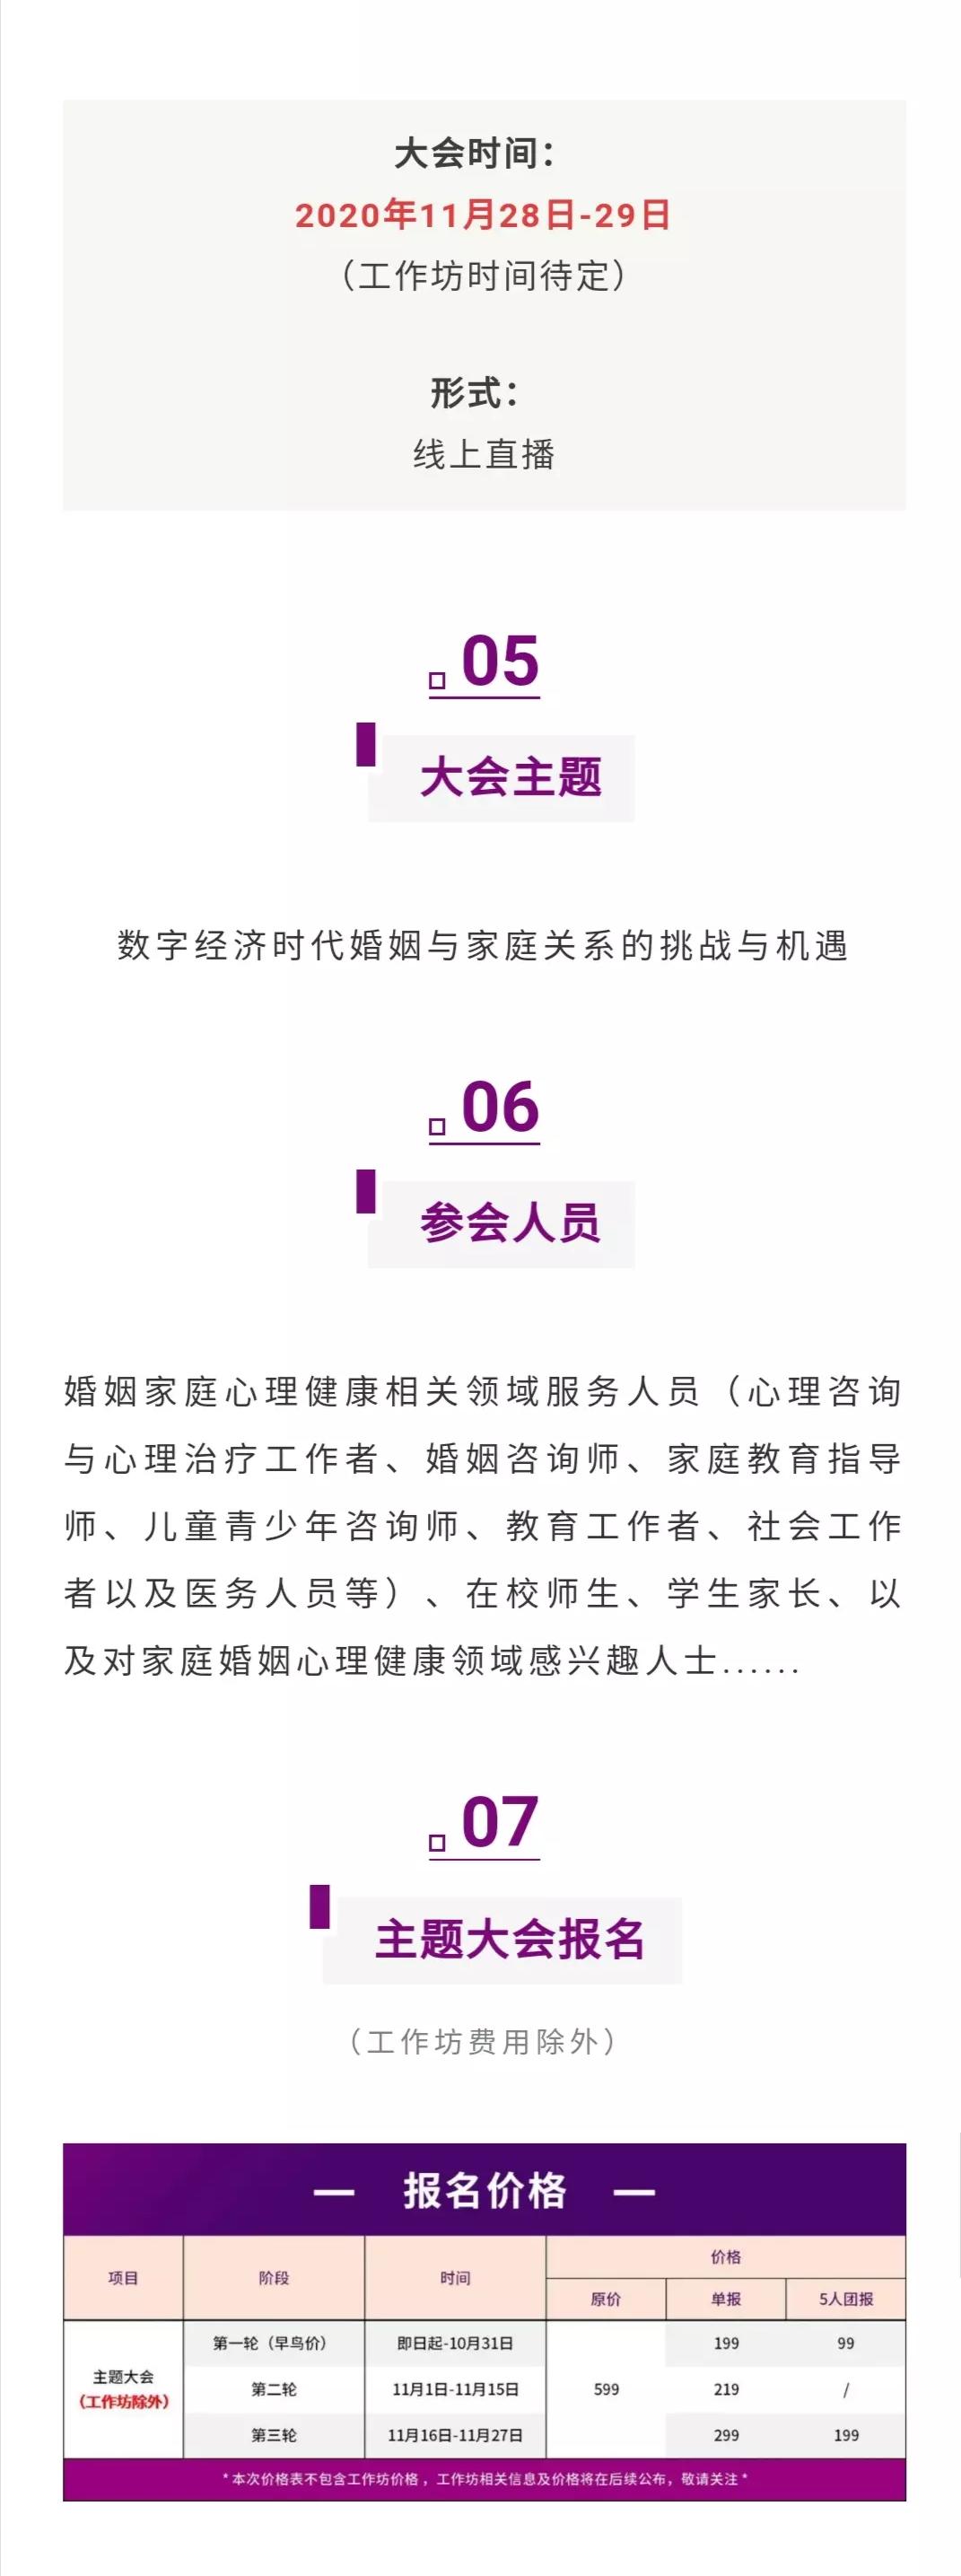 第二届中国婚姻家庭心理健康高峰论坛